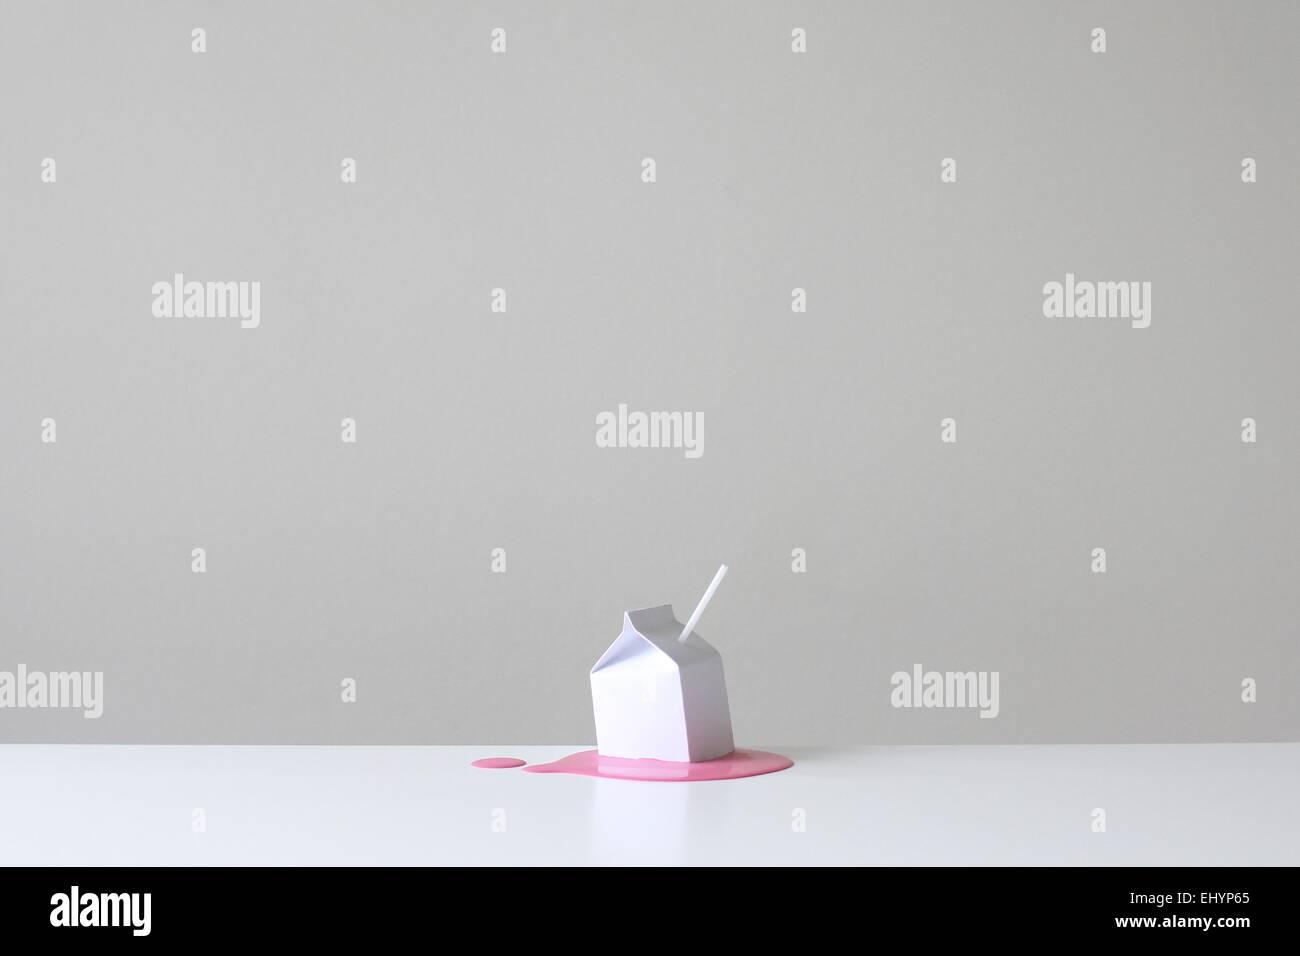 Cartón de leche conceptual con paja en un pool de rosa fresa millk Imagen De Stock